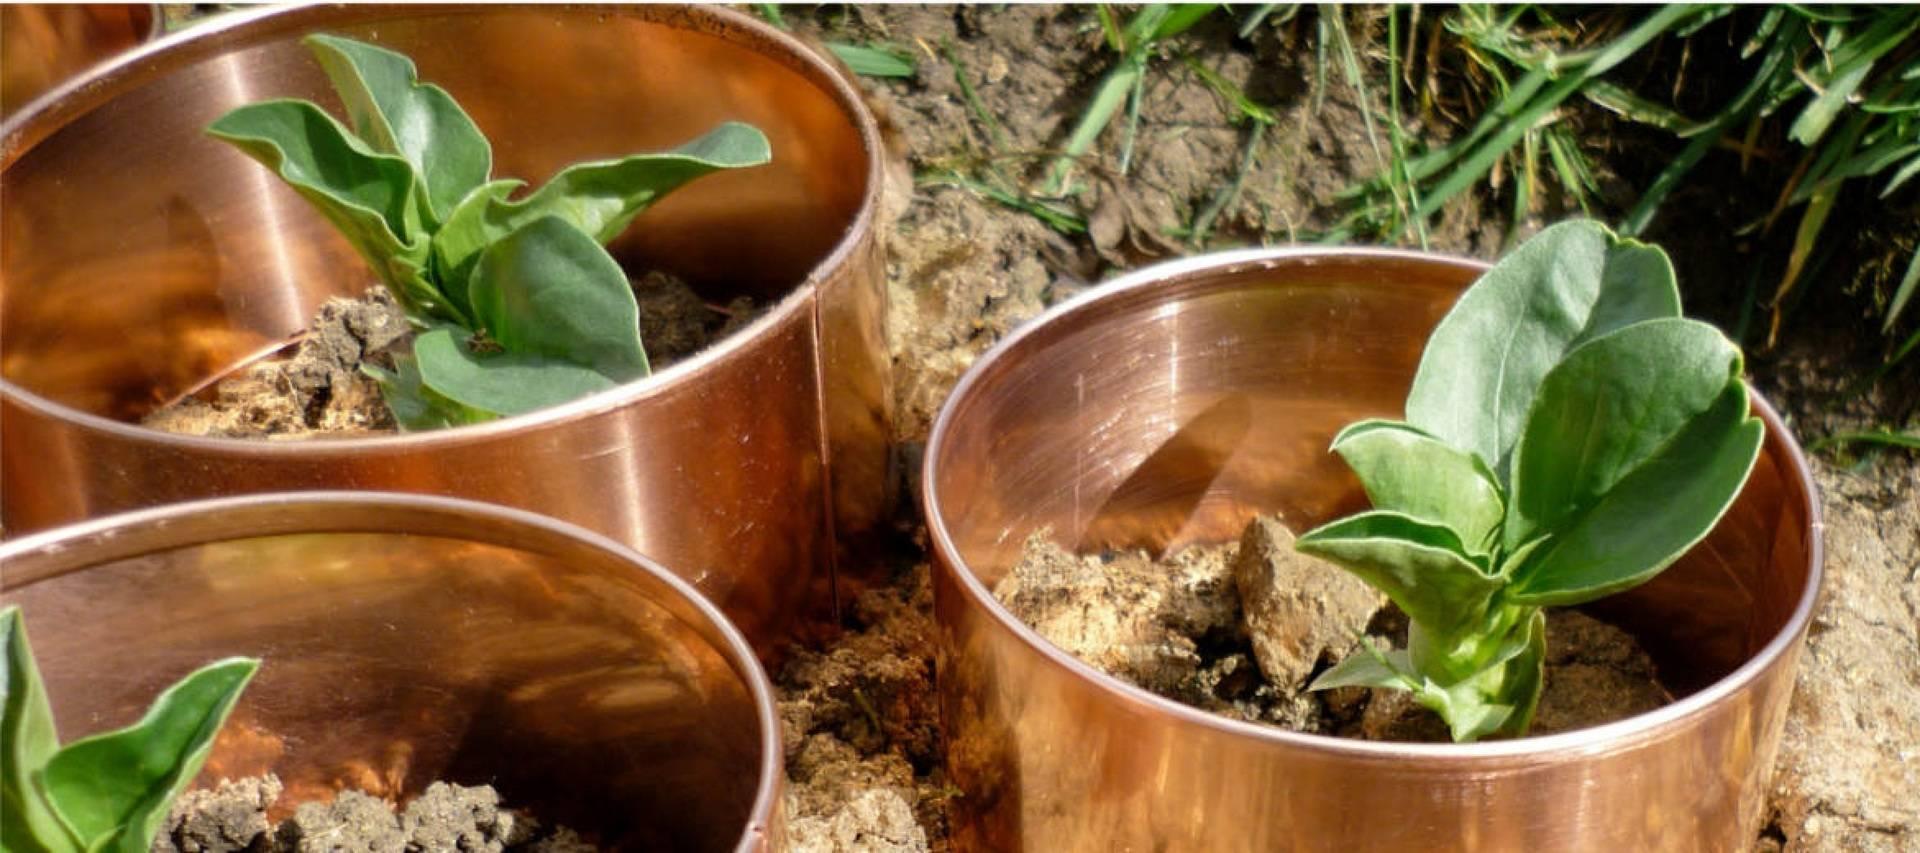 Борьба со слизнями в огороде: все средства хороши - дачные советы.ру